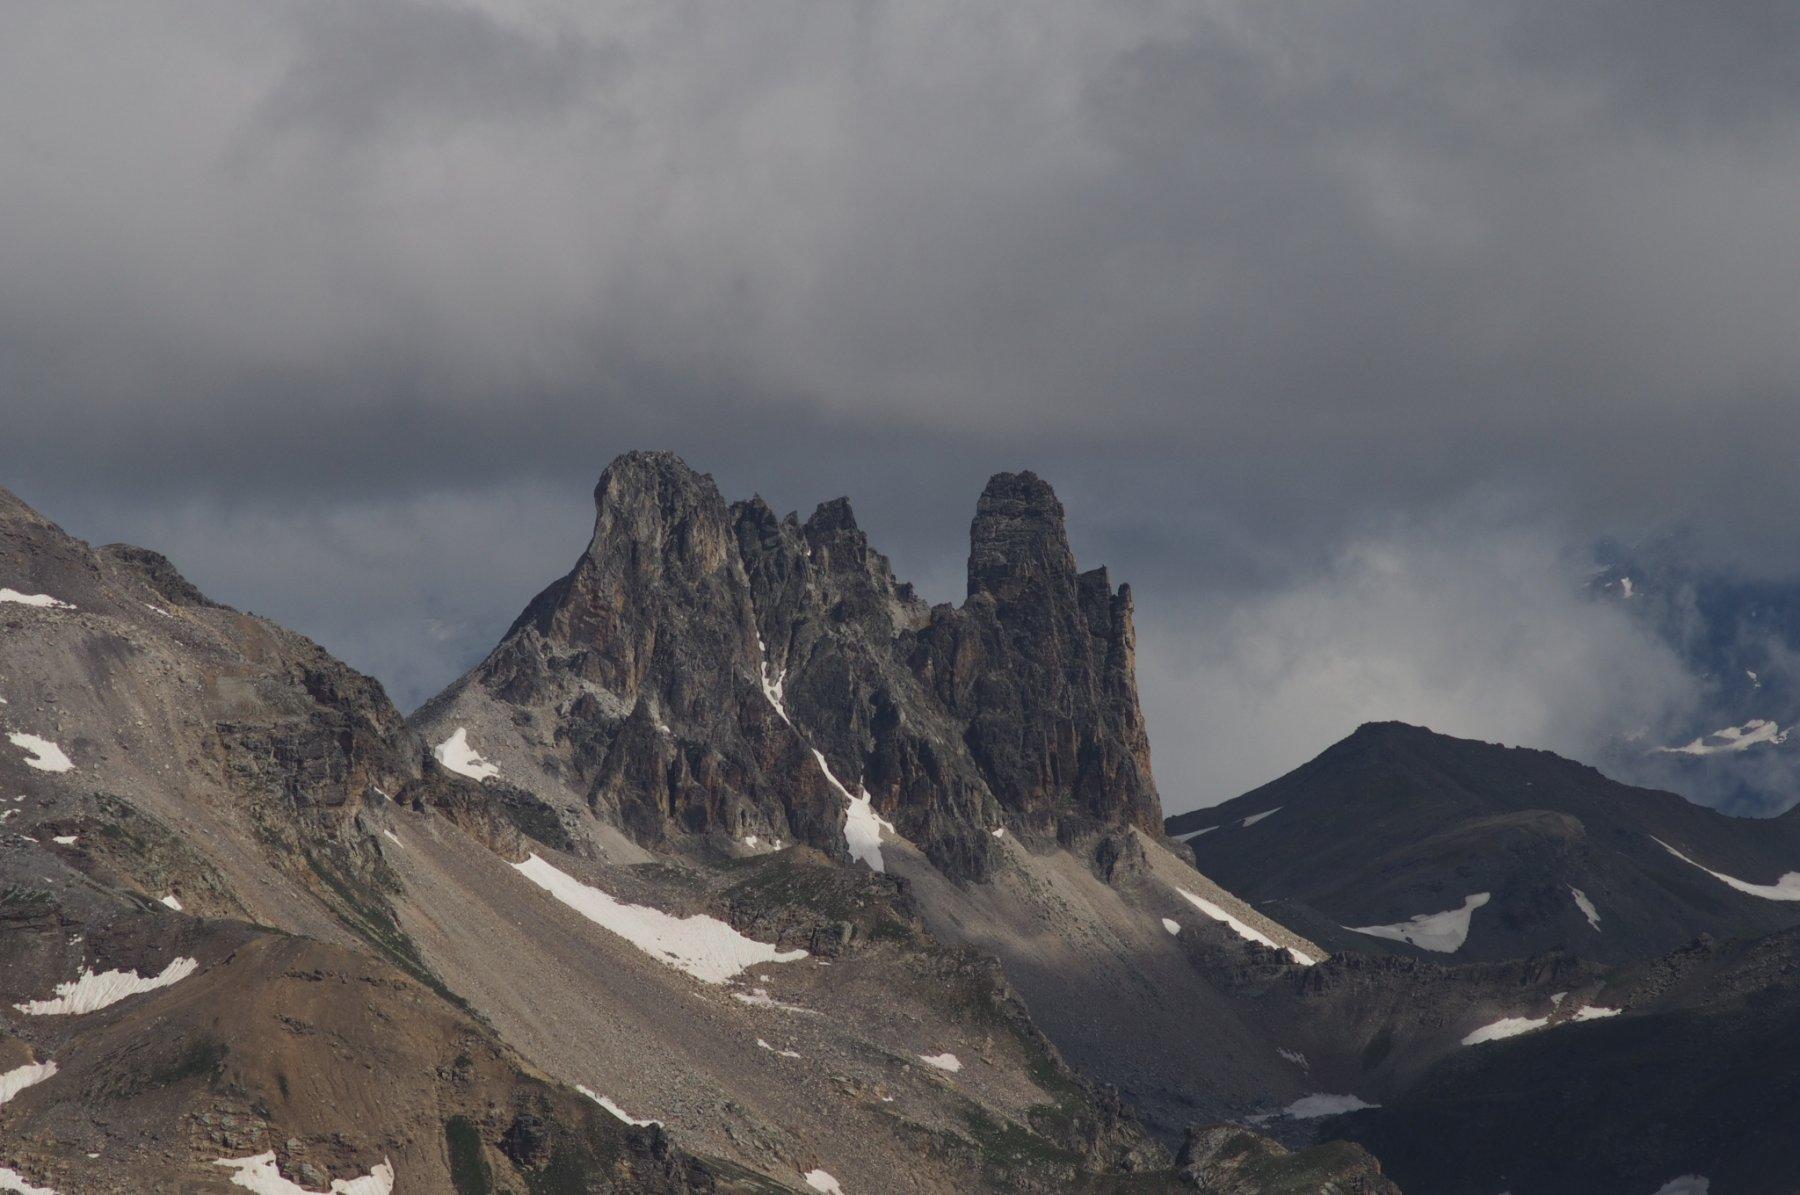 La Rocca e il Dente del Bissort